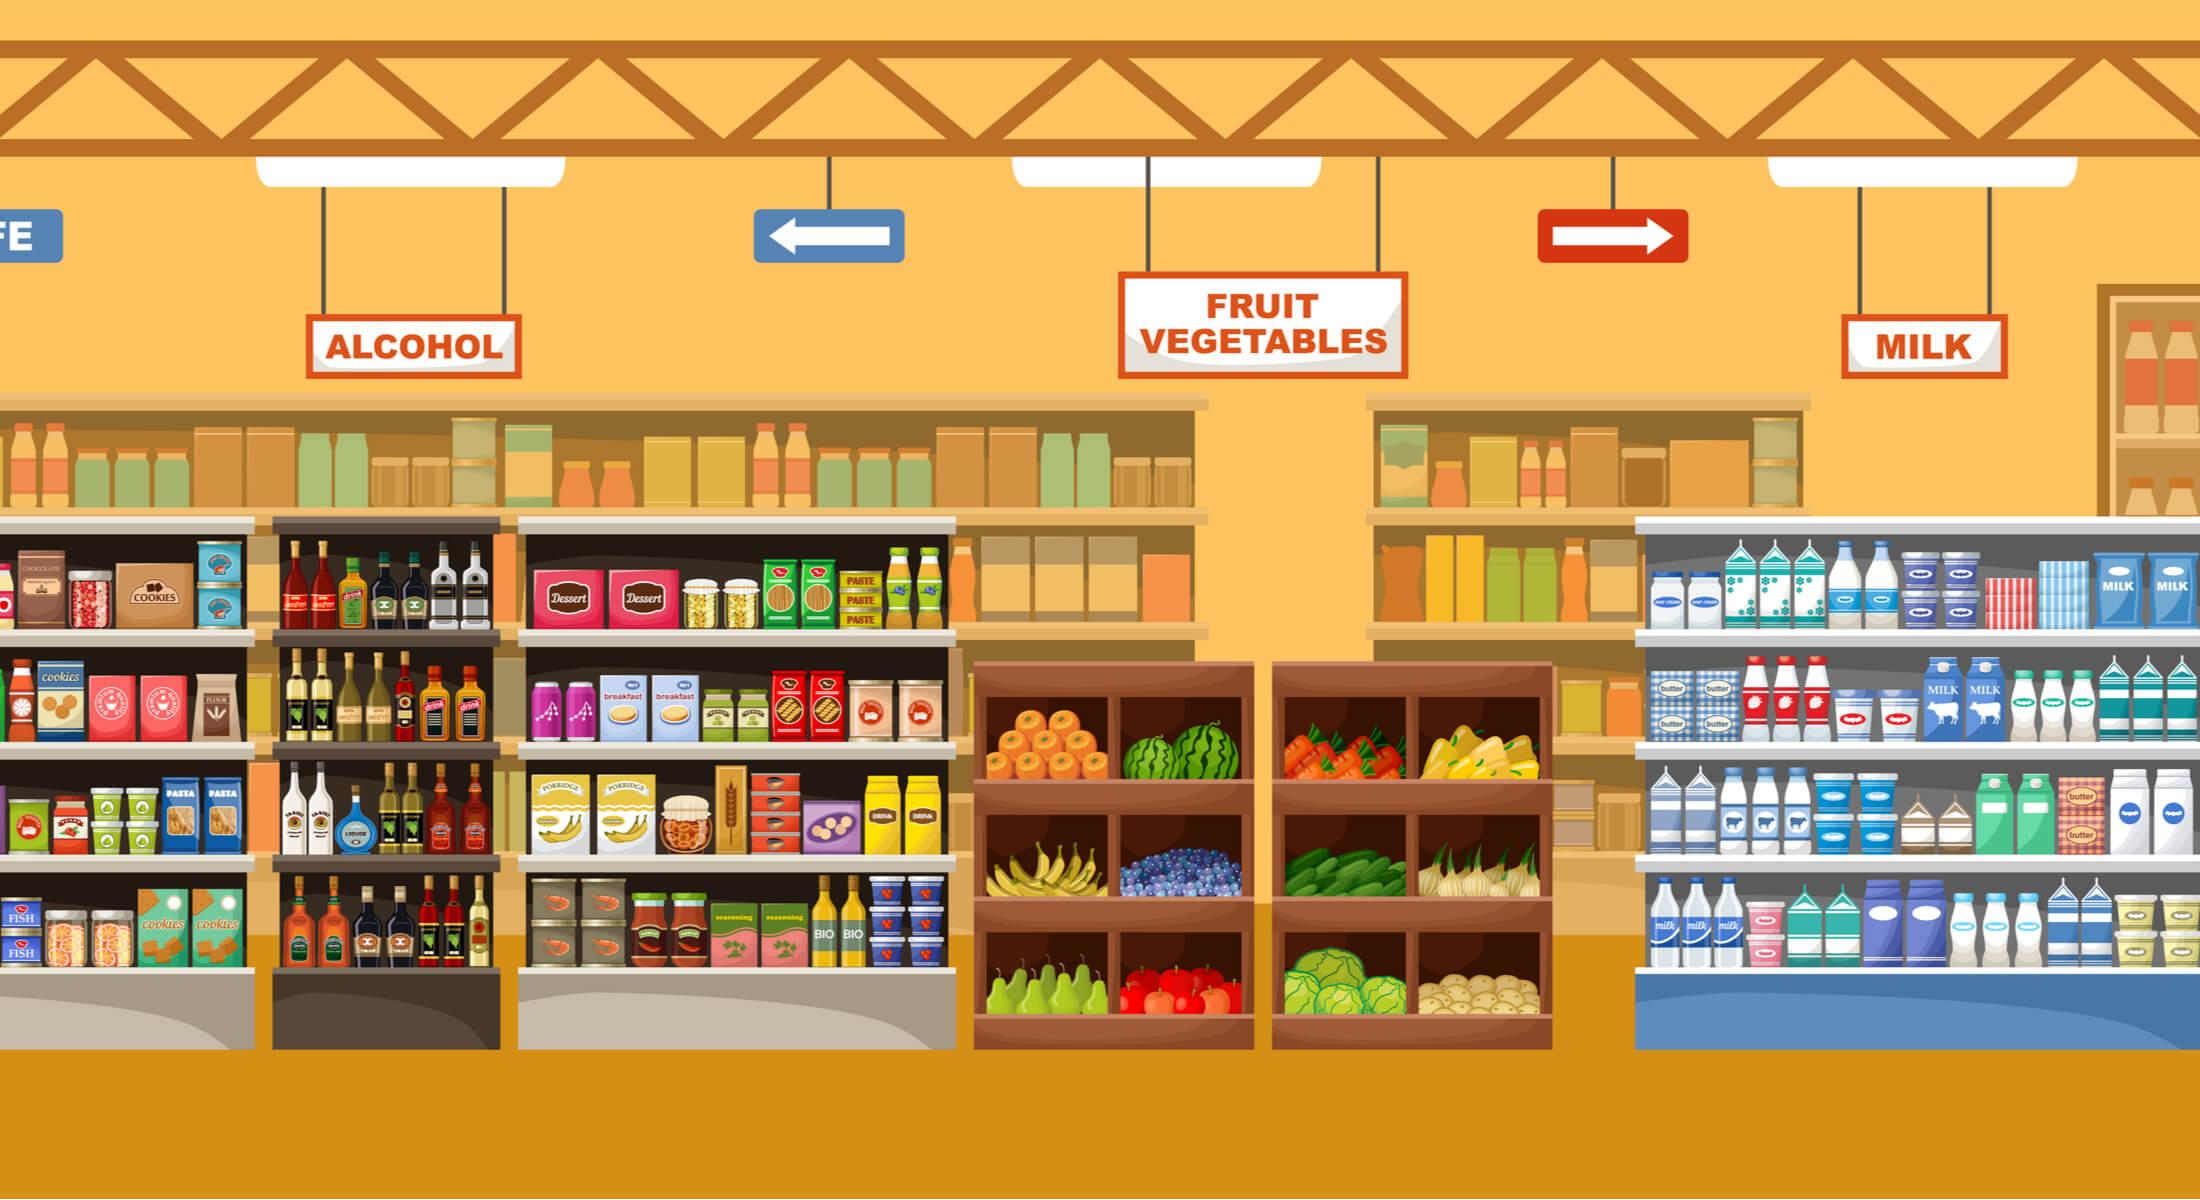 ilustração de mercado